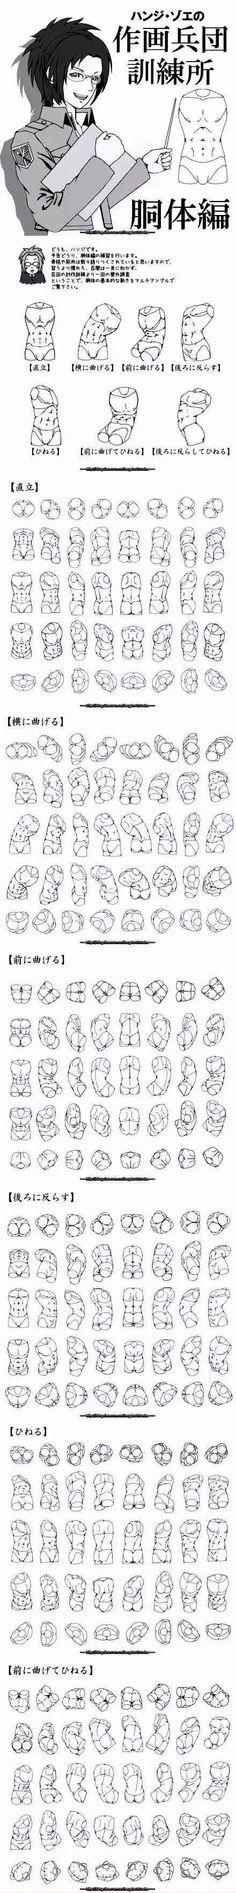 【人体教材】女性人体结构的参考合集~推荐给大家~ -- 原画梦 -- 传送门 (440x3531)